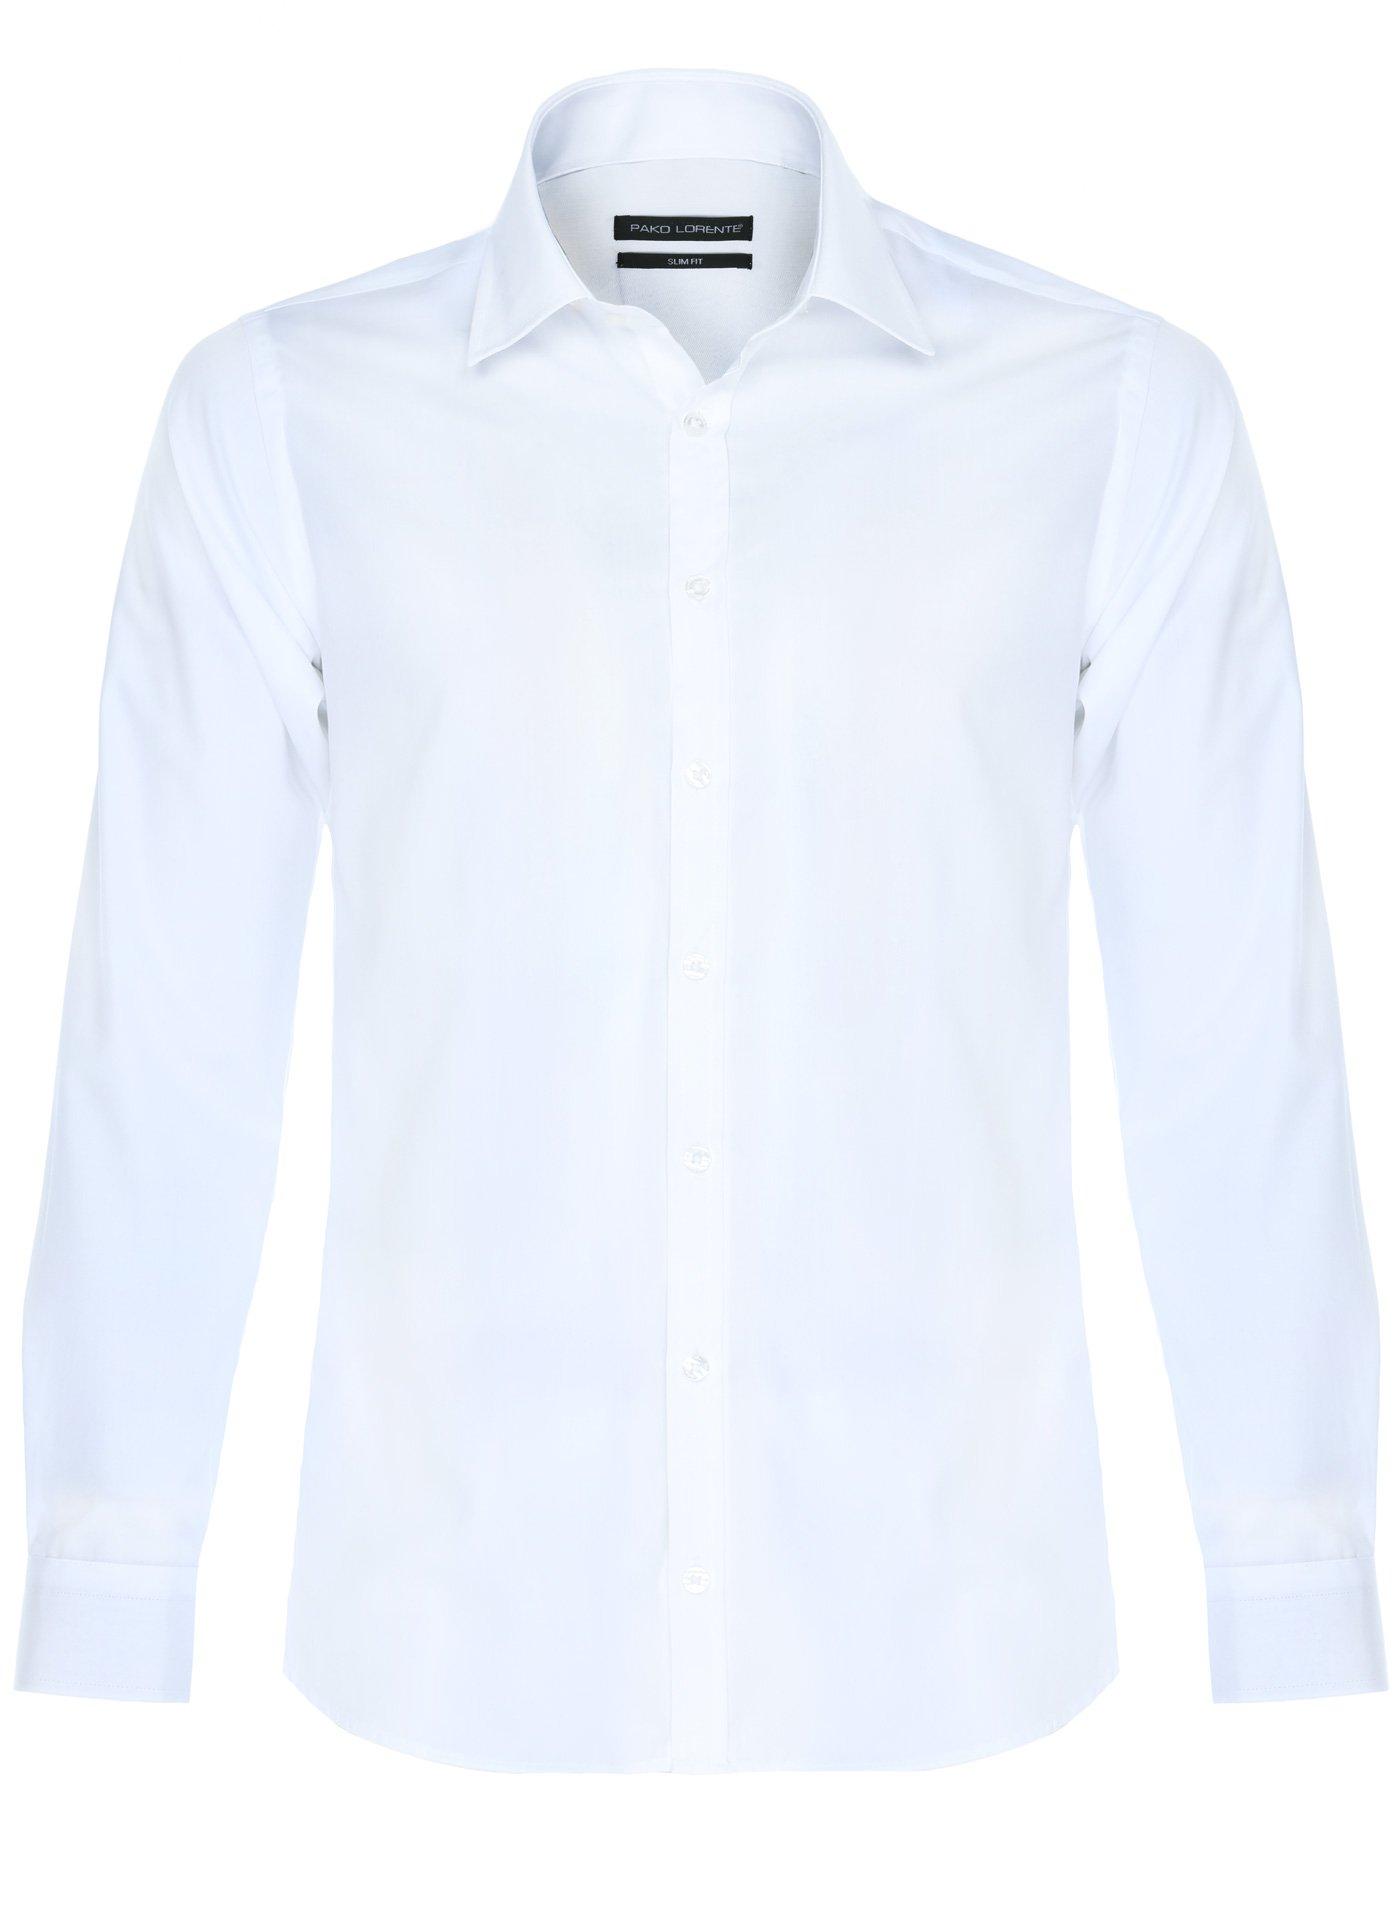 Koszula męska PLM-1X-250-B